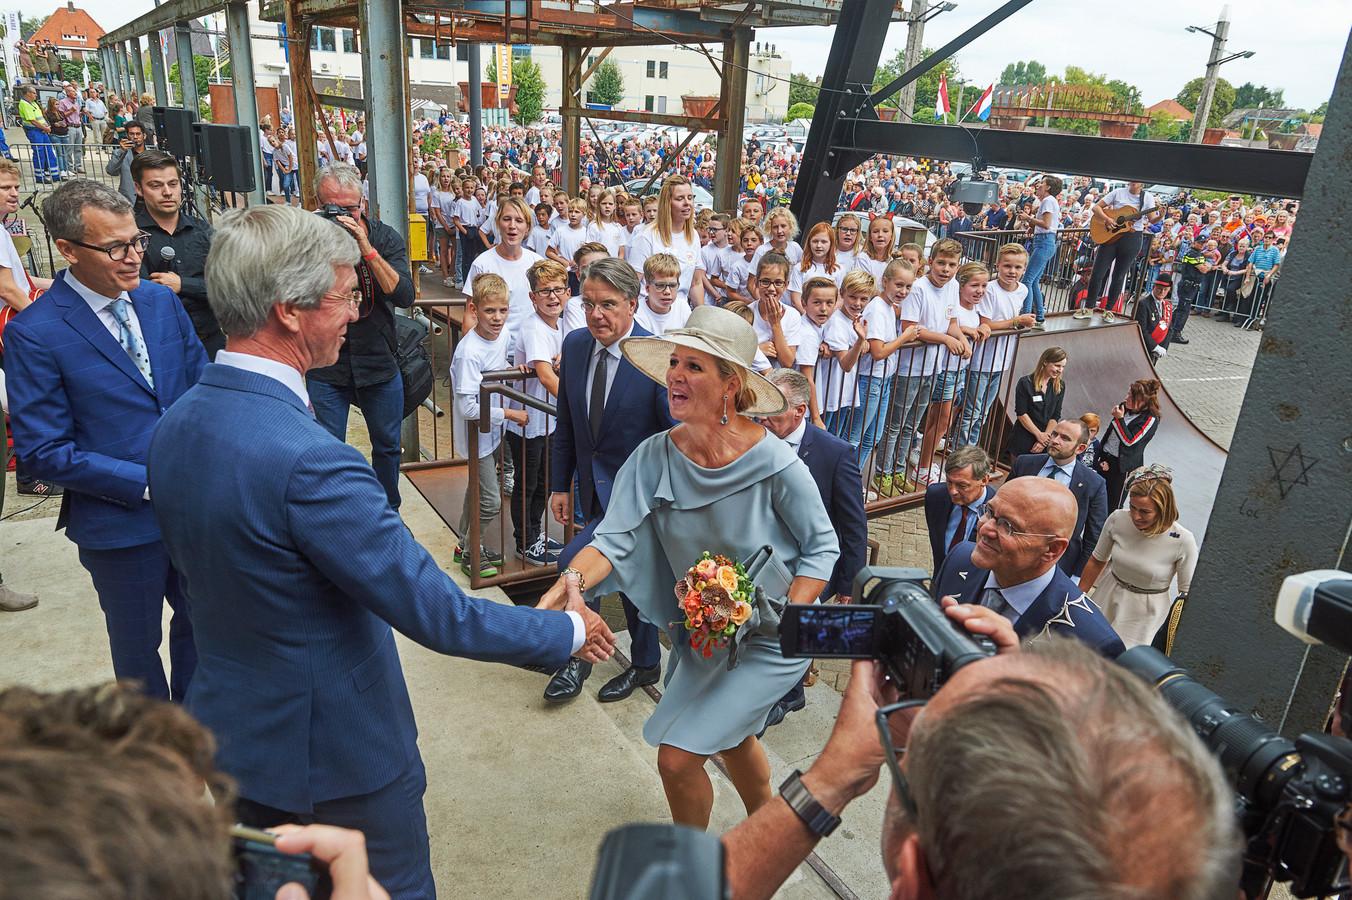 Koningin Maxima wordt welkom geheten door Martien van den Hoven van de stichting Cultuurfabriek, theaterdirecteur Harry Vermeulen (links), burgemeester Kees van Rooij (rechts) en Commissaris van de Koning Wim van de Donk.